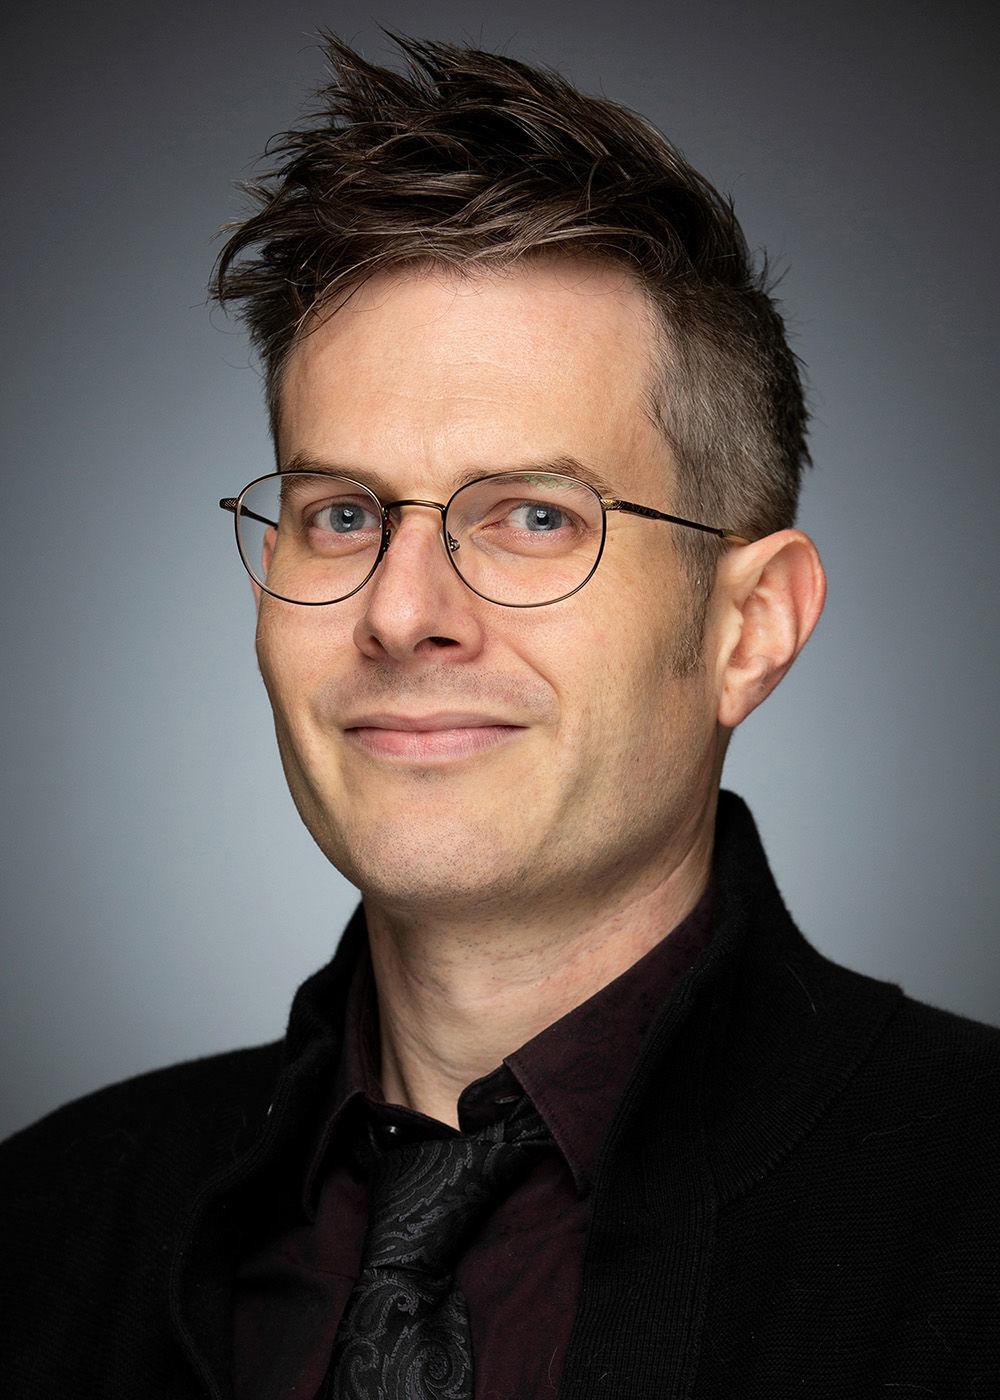 Erik Evensen